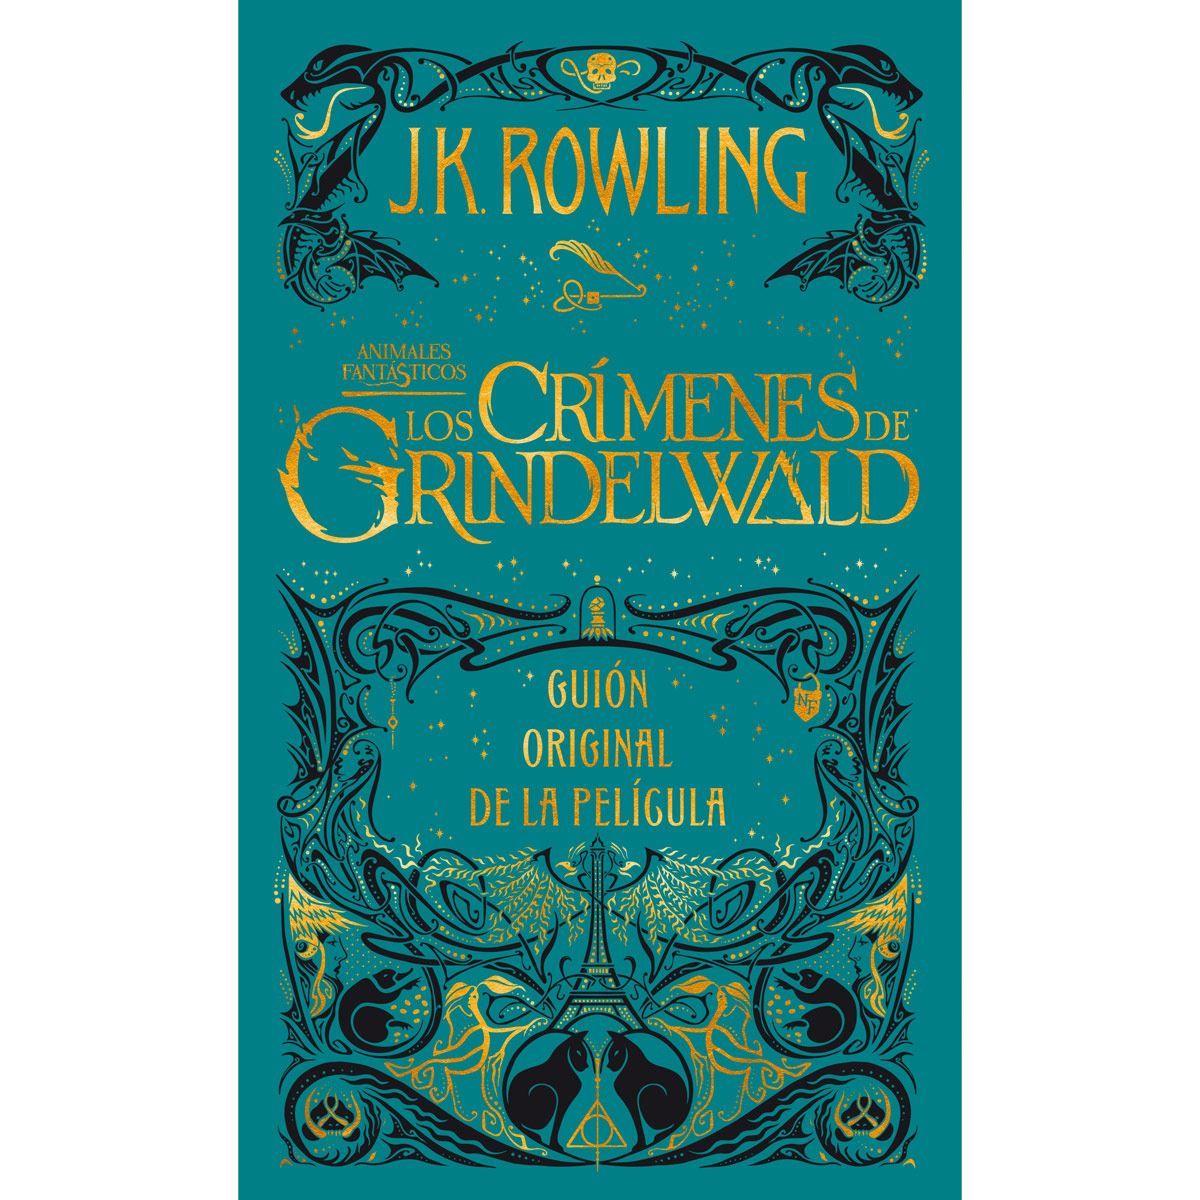 LIBRO LOS CRIMENES DE GRINDELWALD J.K. ROWLING